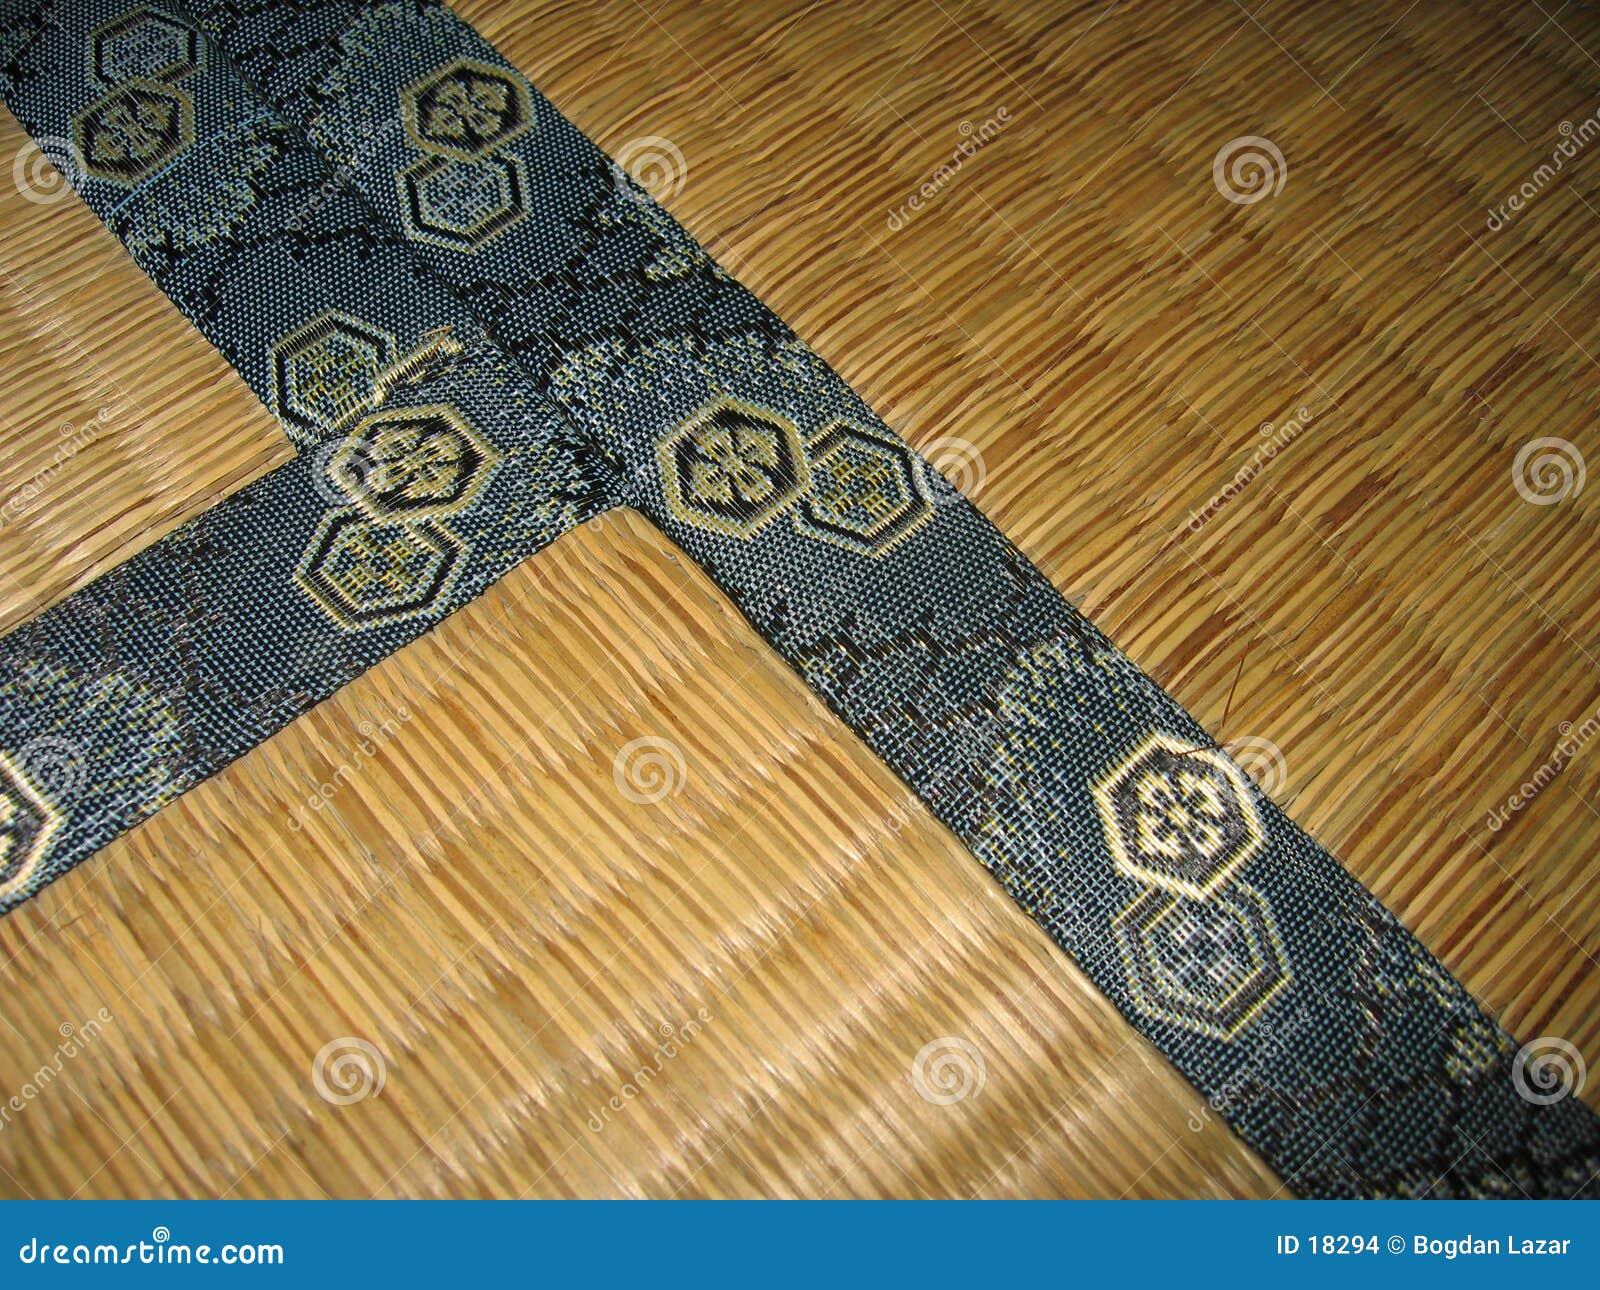 Pavimento di tatami particolare fotografia stock for Pavimento giapponese